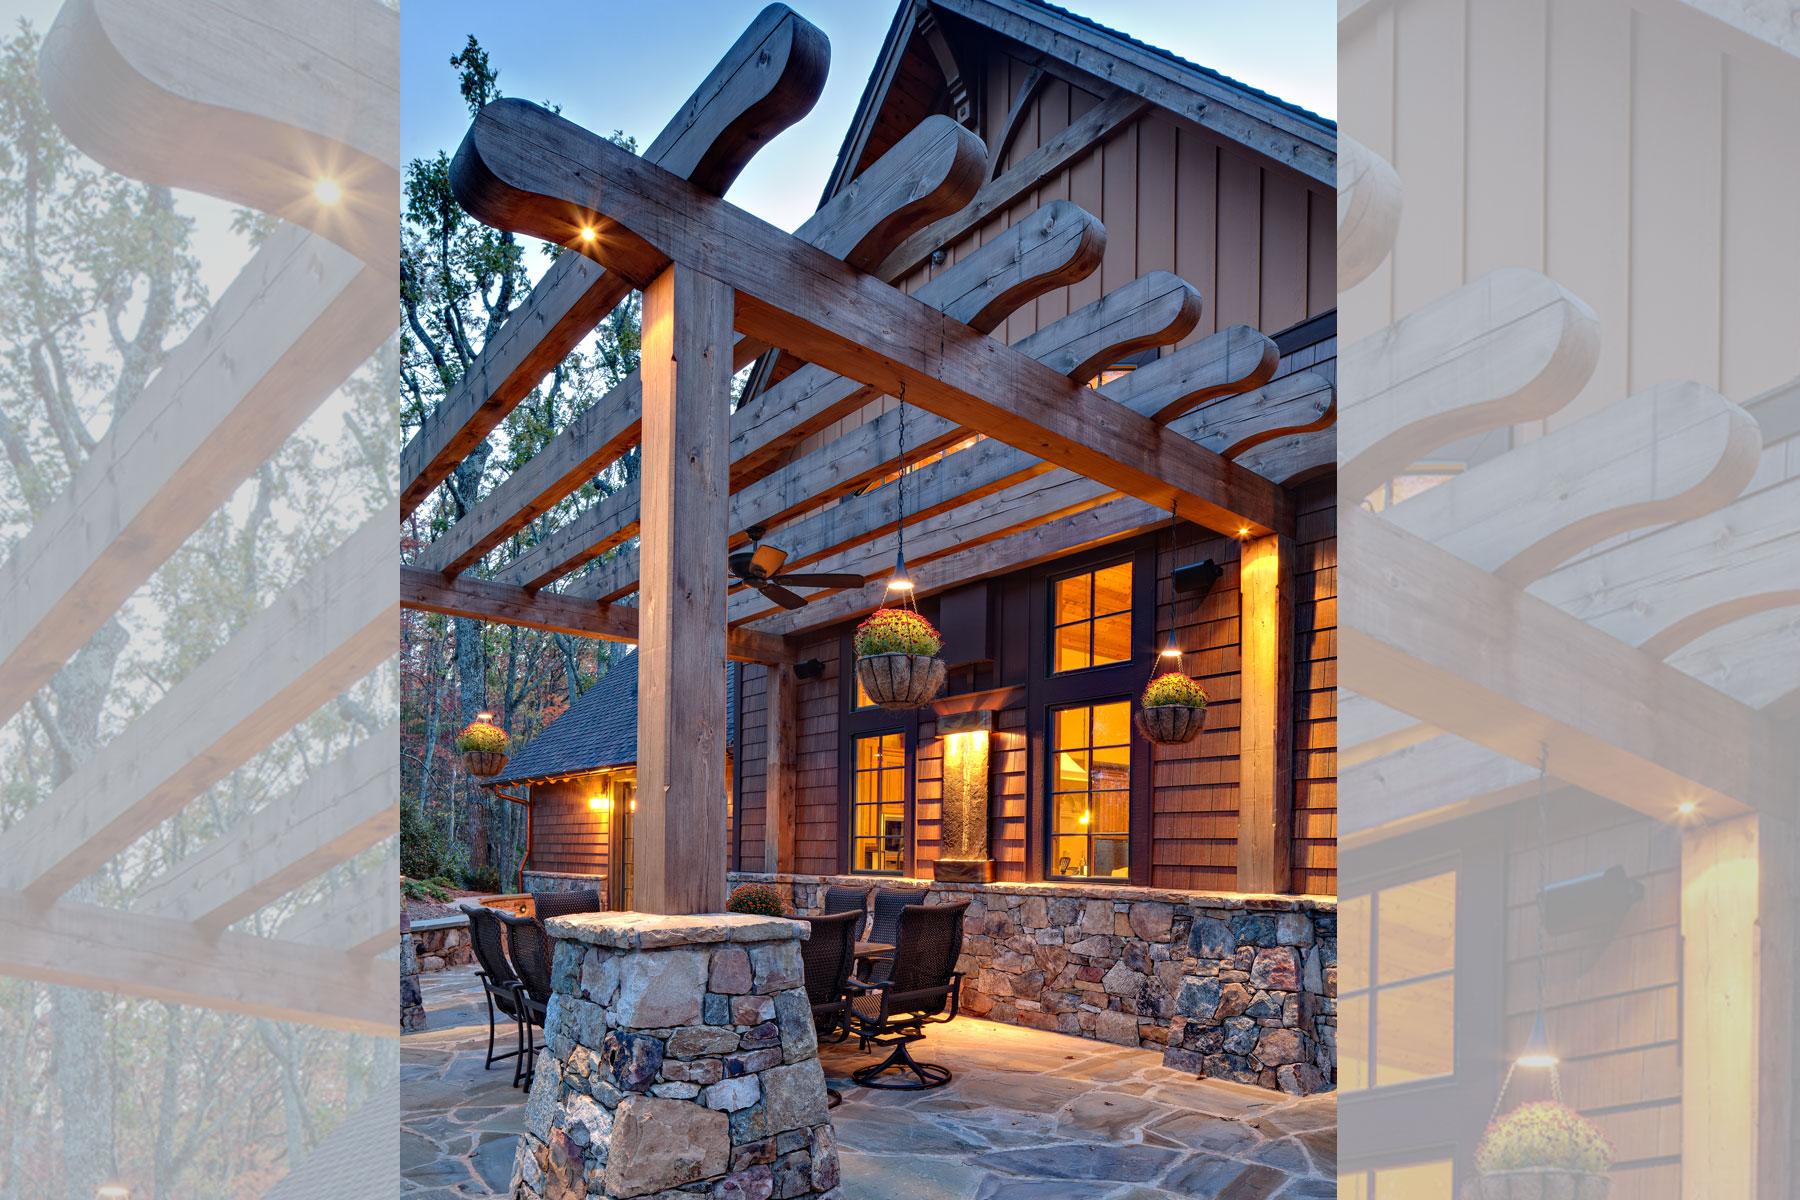 Stone patio for large beam pergola